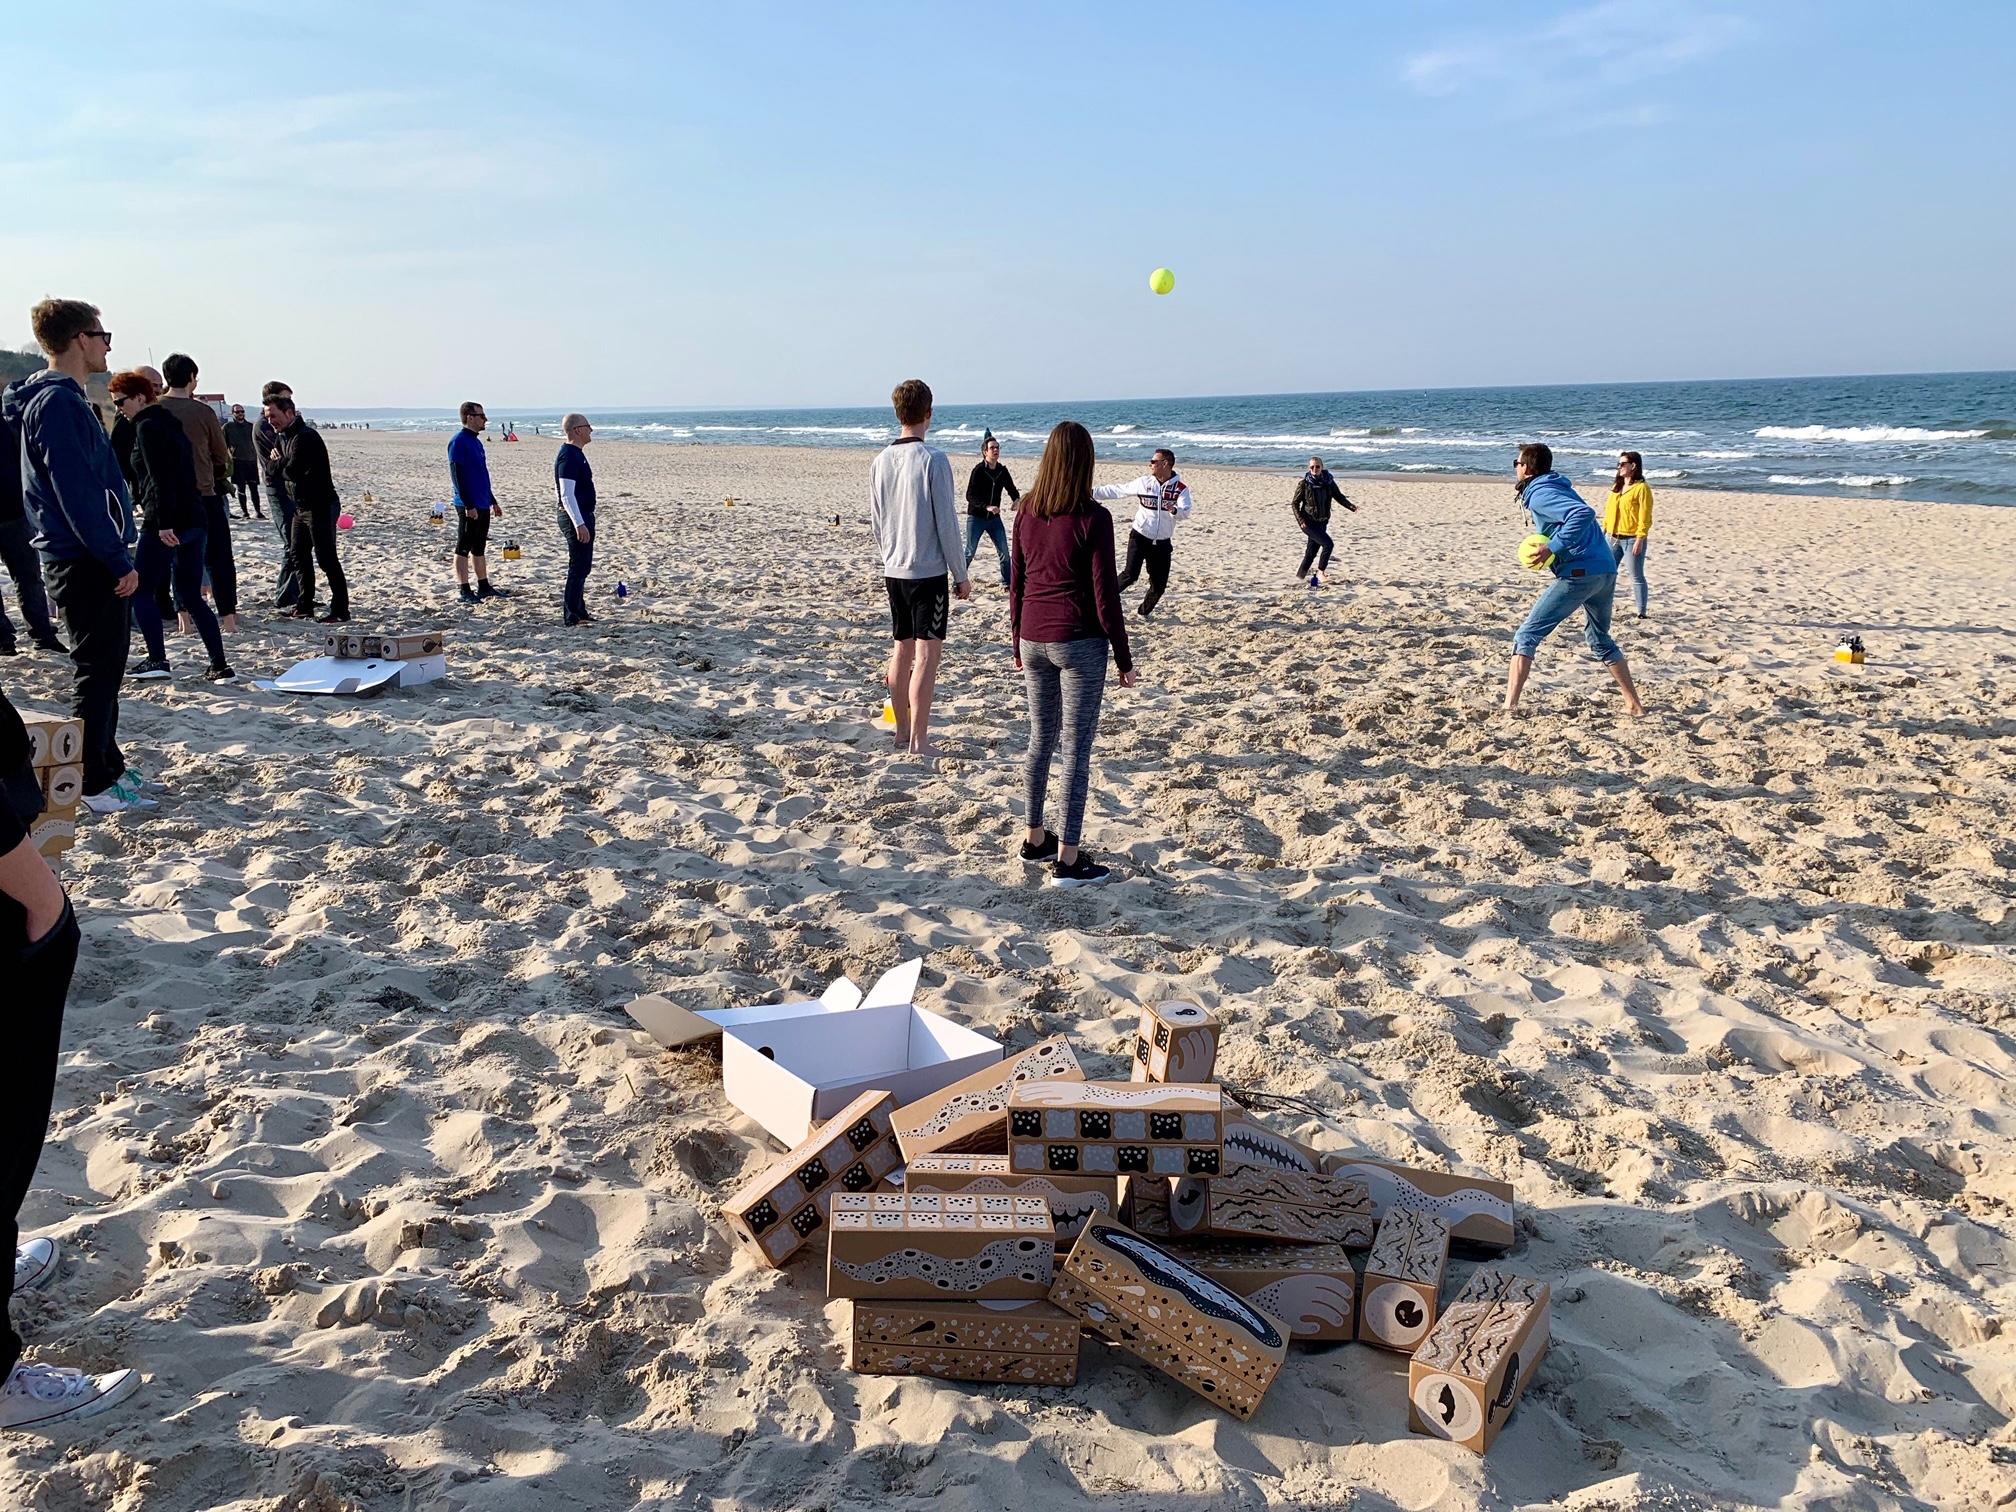 Menschen spielen Völkerball am Strand mit Kartons im Vordergrund